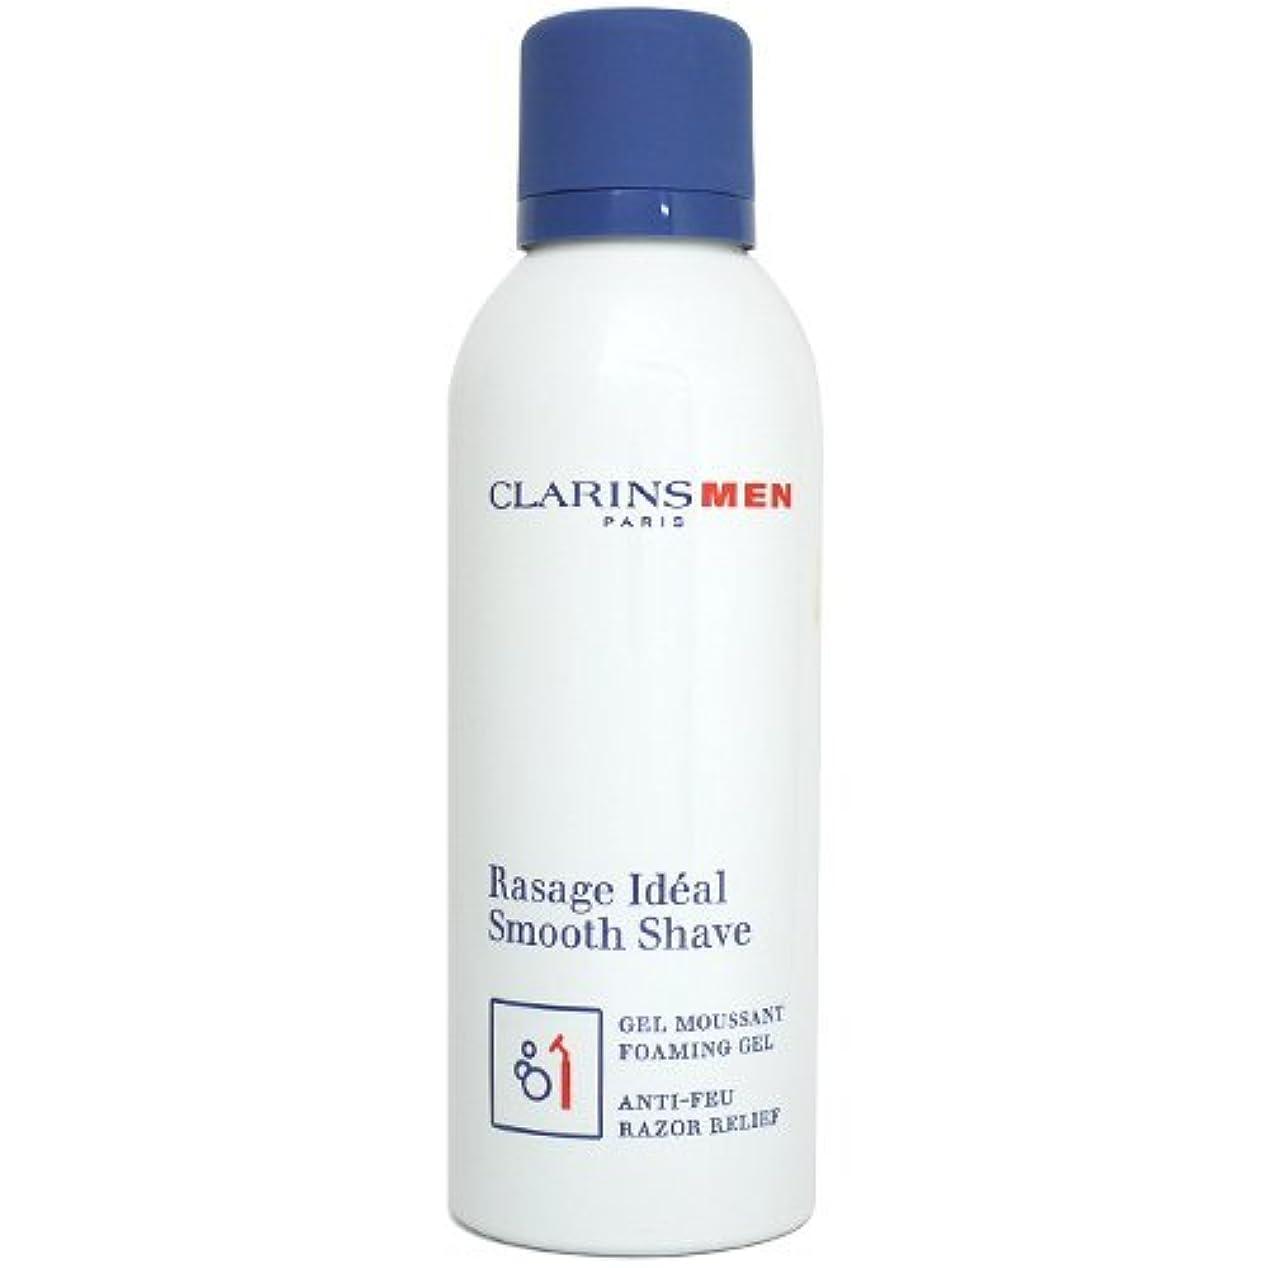 クラシカル意味のある辛なクラランス CLARINS メン スムース シェイヴ 150mL [並行輸入品]